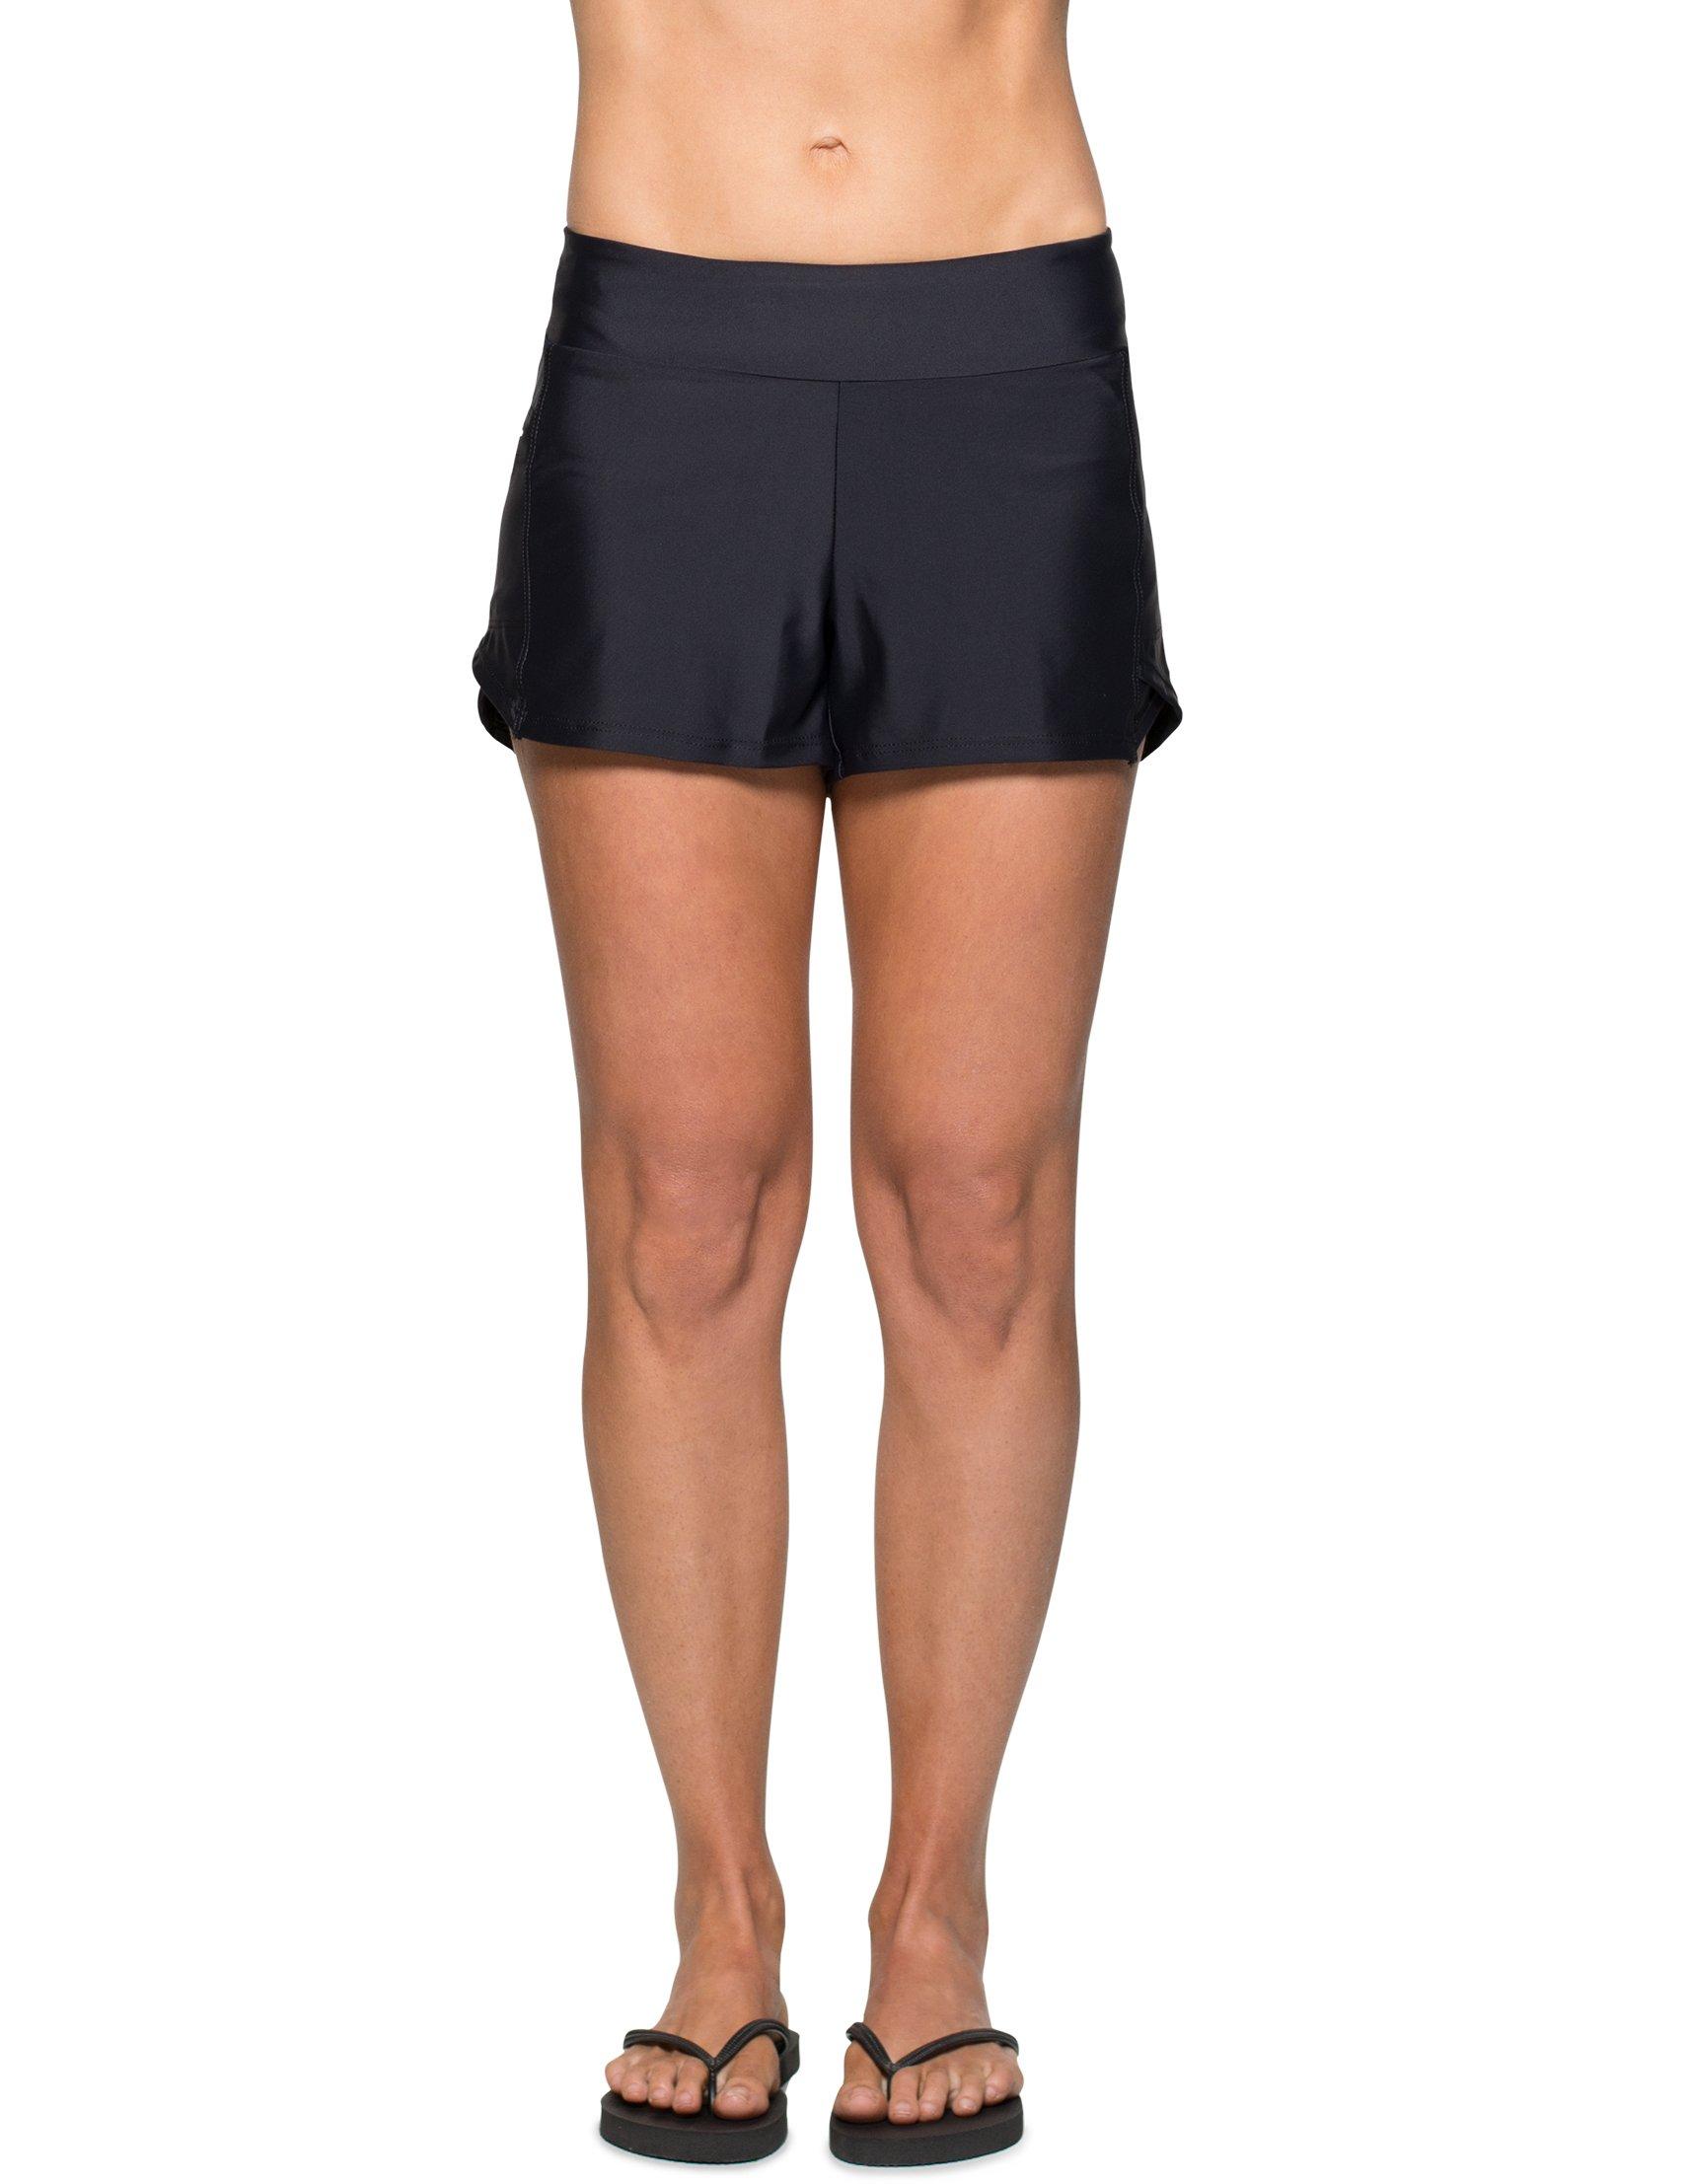 Tuga Women's Swim Board Short (UPF 50+), Black, Medium